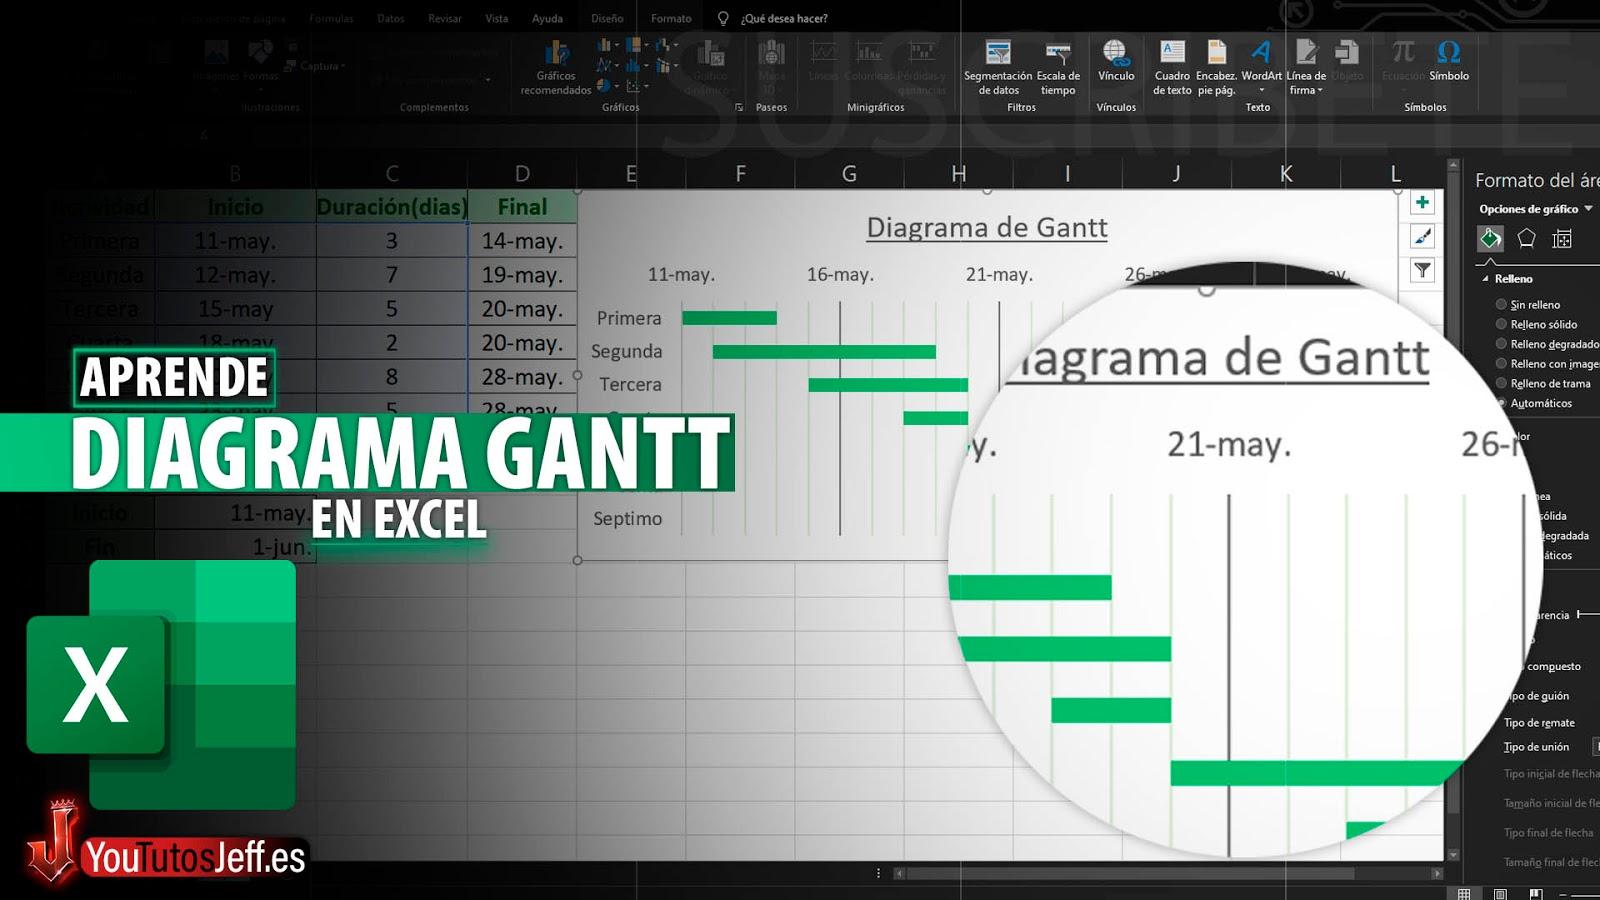 Como Hacer un Diagrama de Gantt o Cronograma Utilizando los Gráficos en Excel